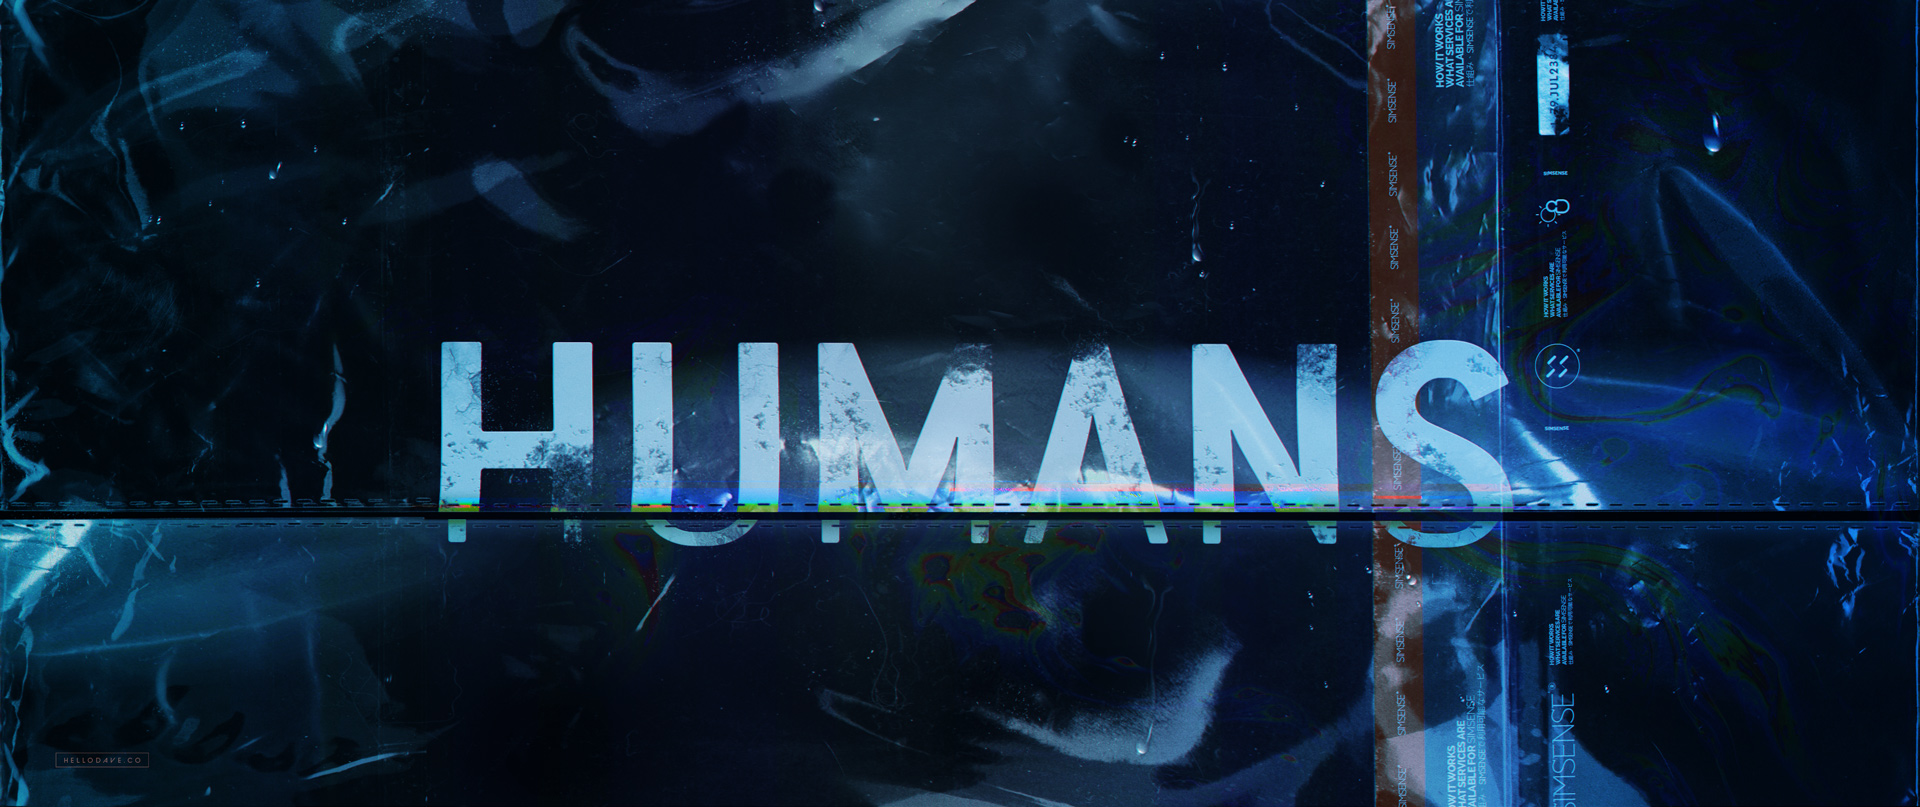 Humans_14_FHD_a-1